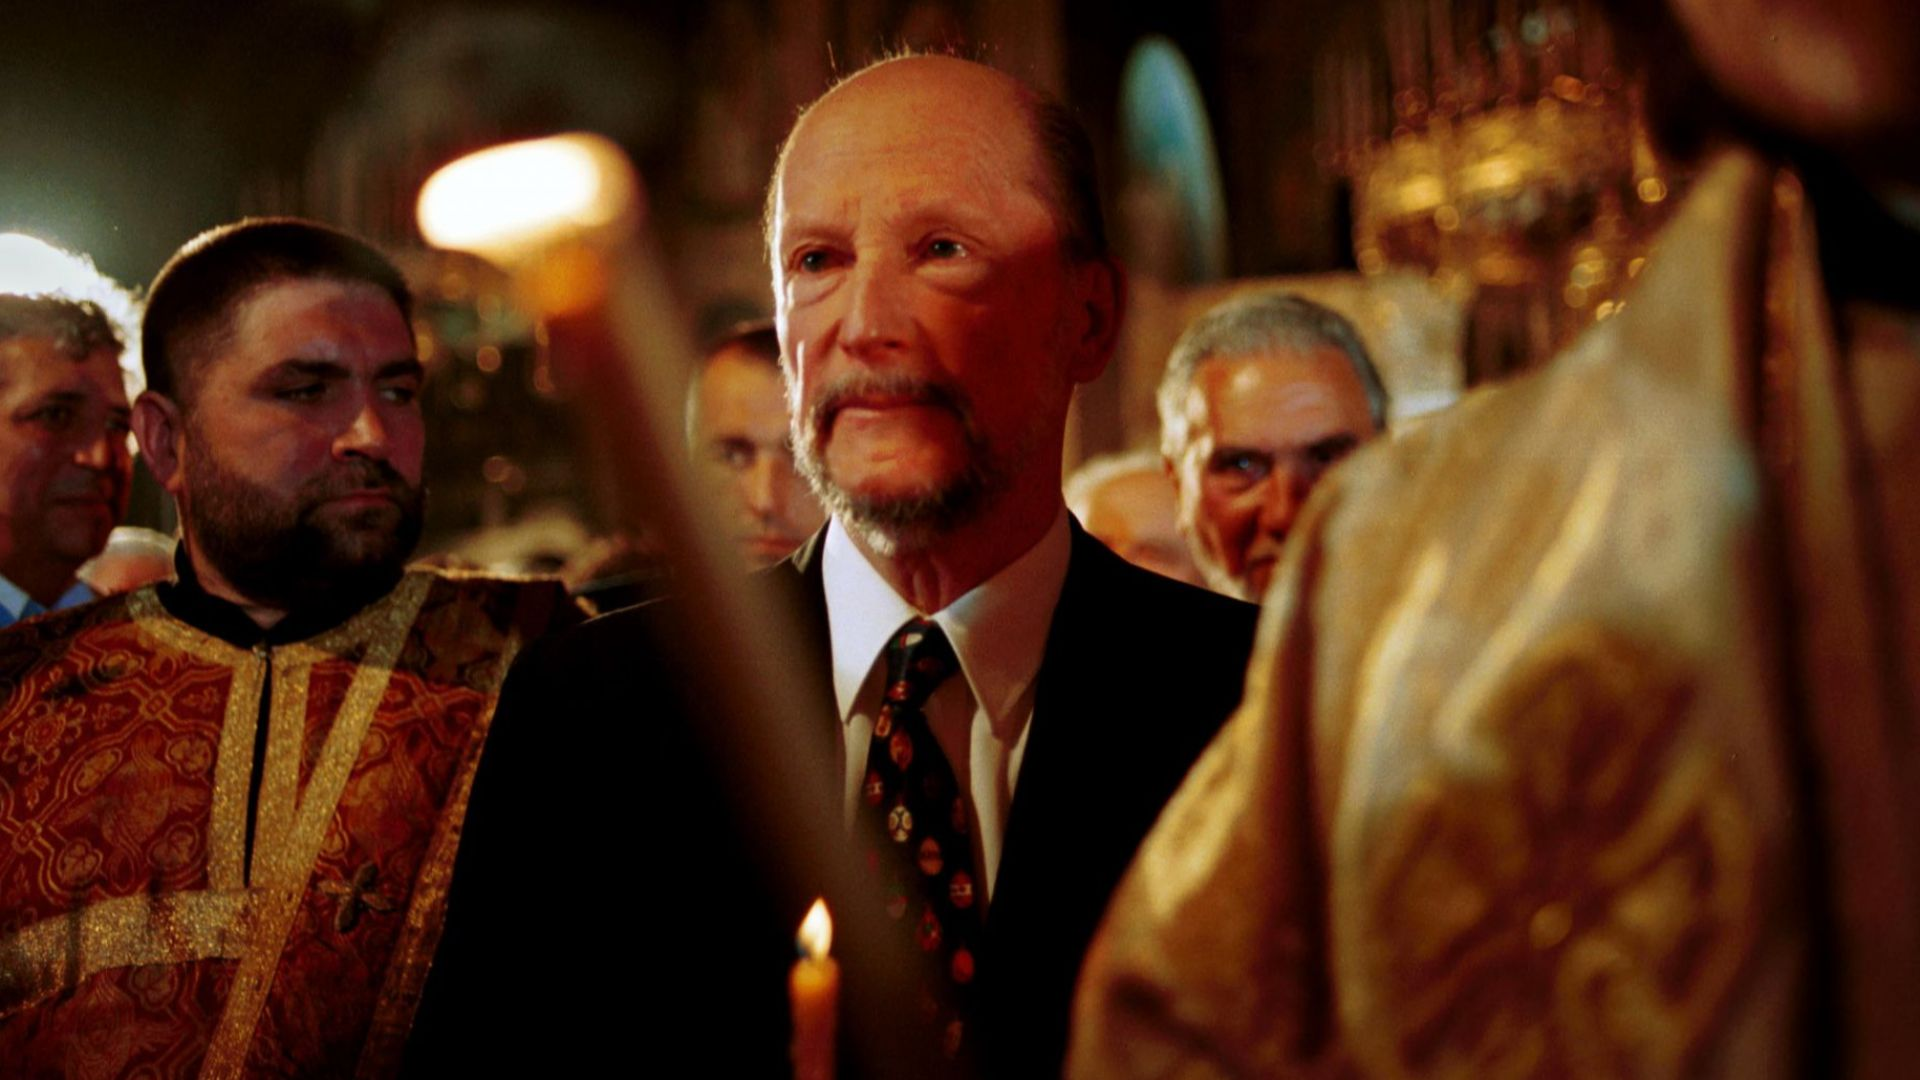 Симеон Сакскобургготски бе гост на първата кралска сватба в Русия от повече от век